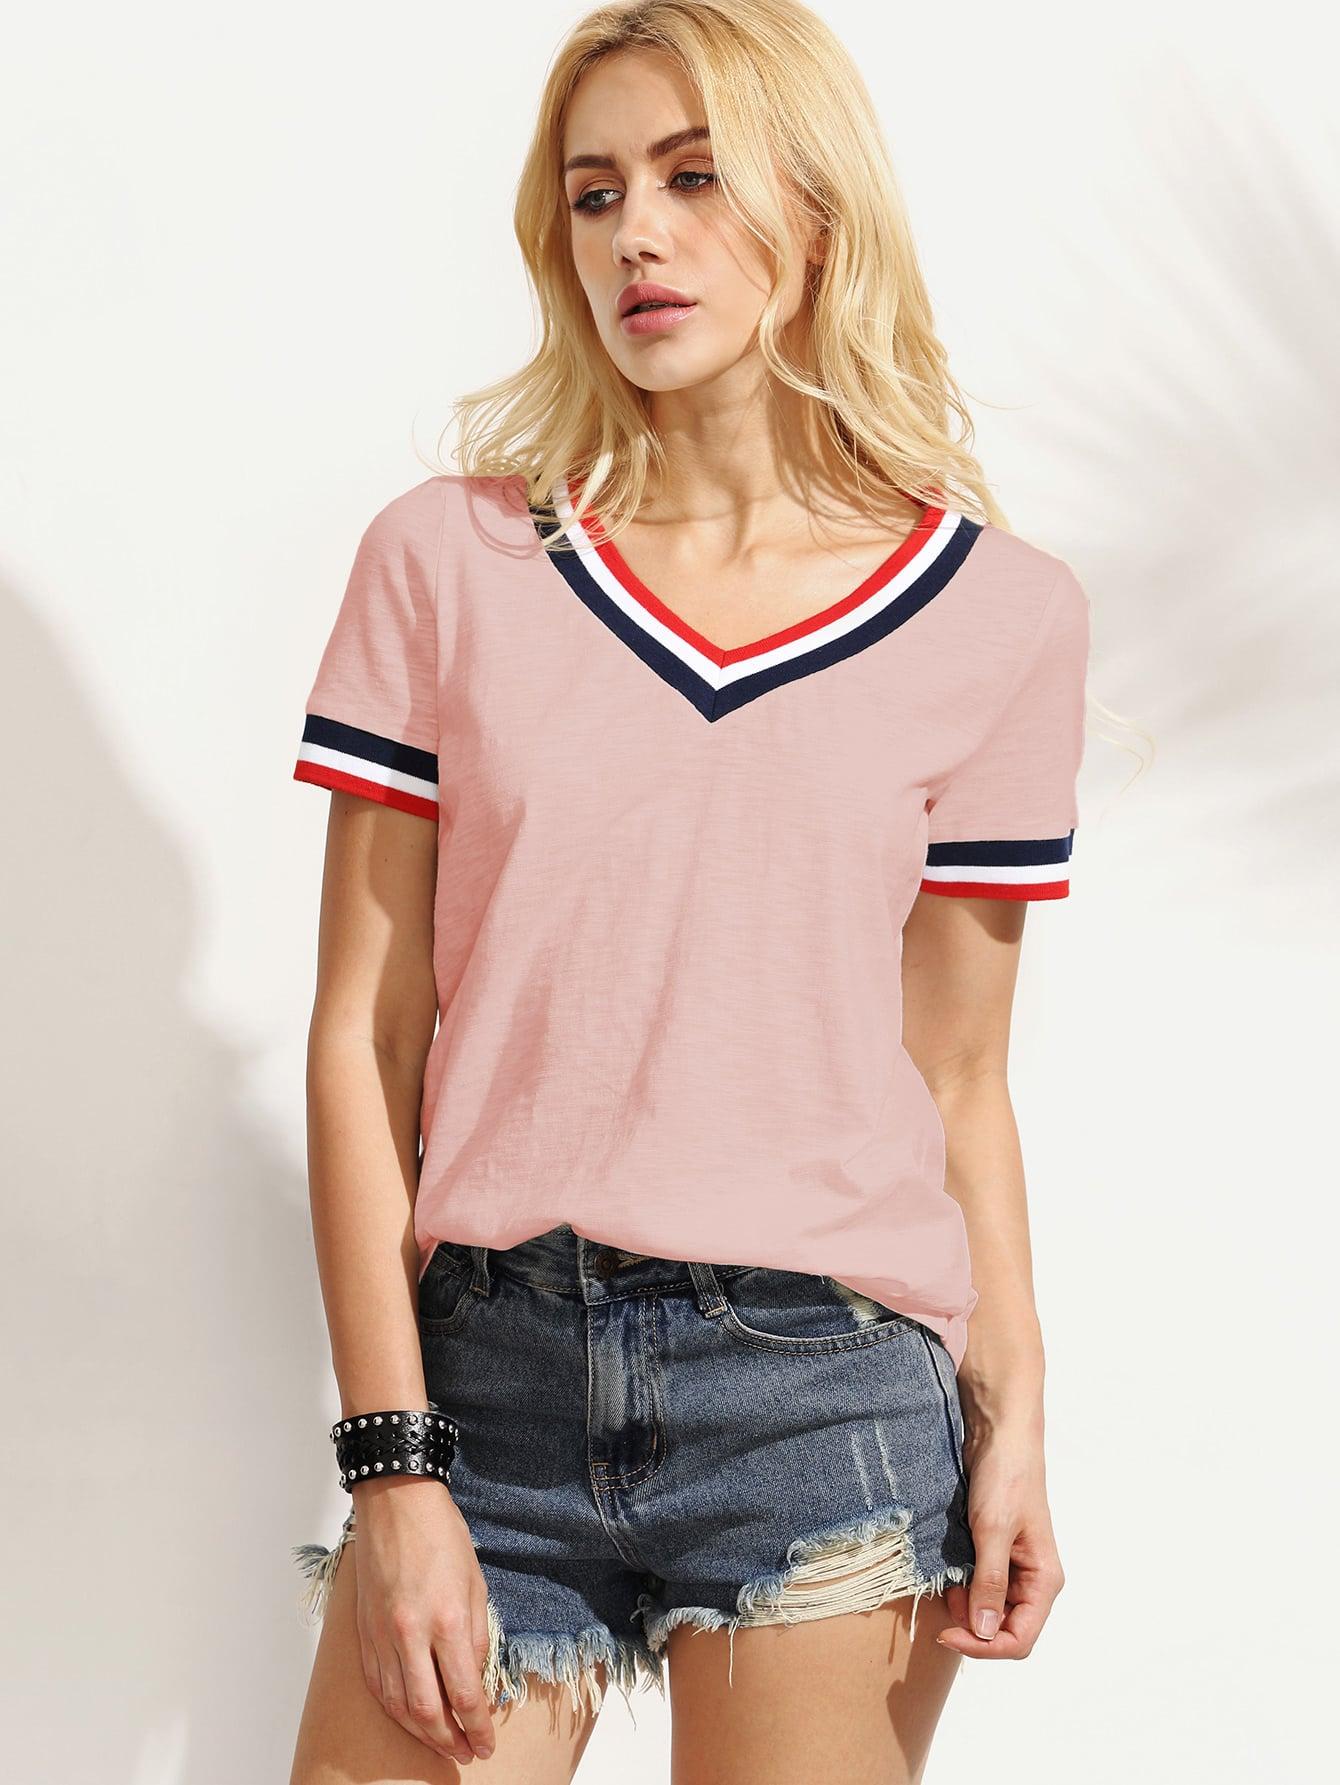 Striped Trim Slub T-shirt lace panel graphic slub t shirt